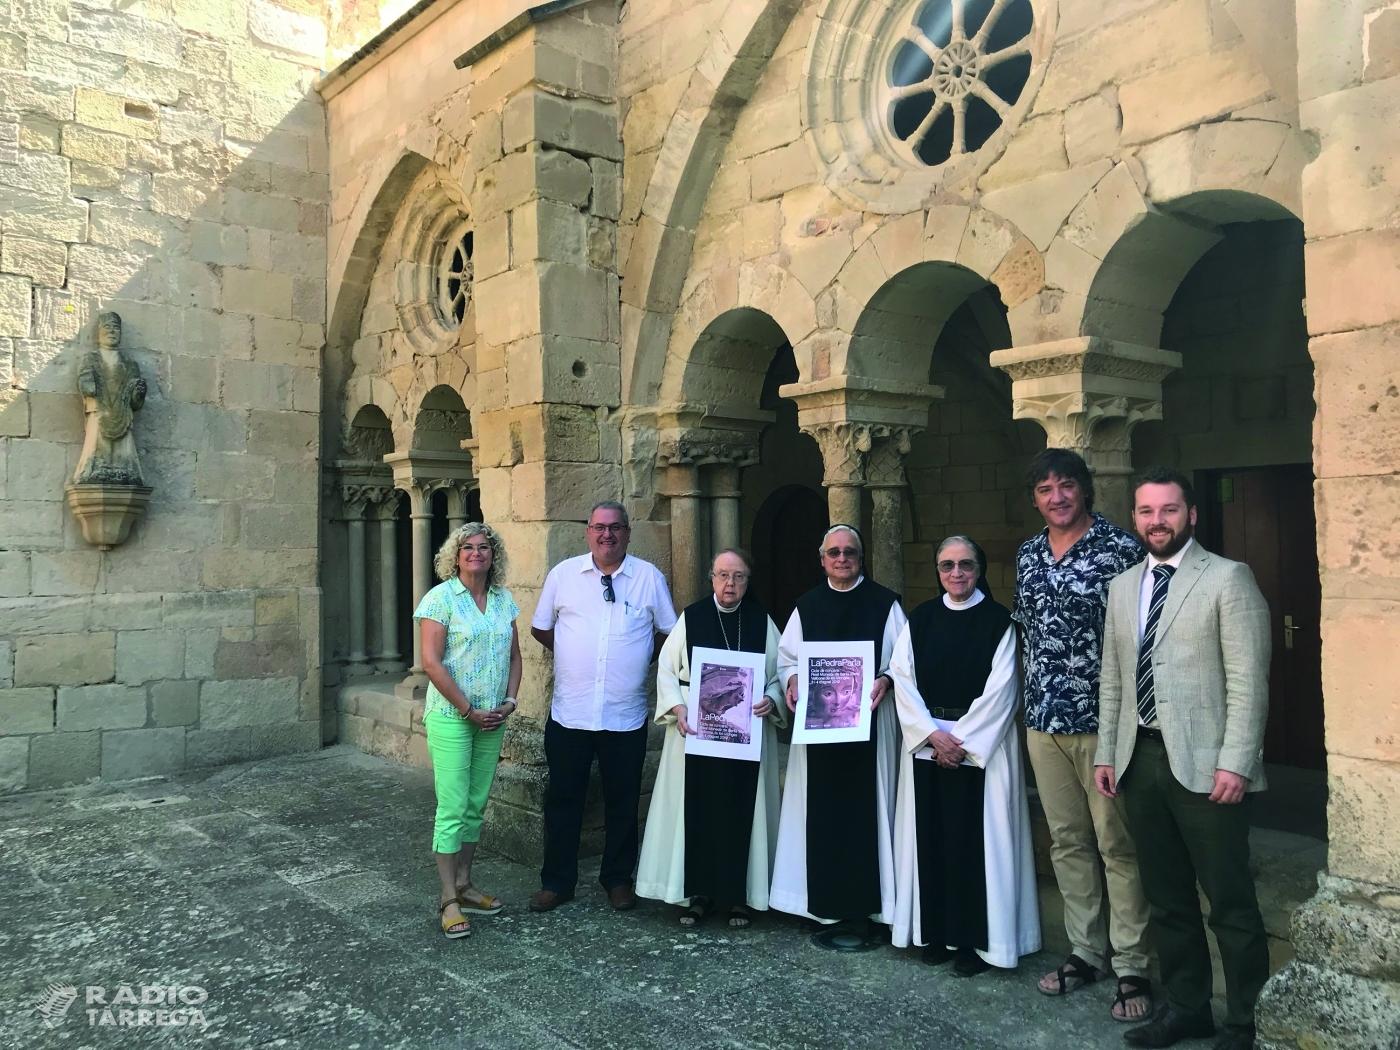 El Reial Monestir de Vallbona de les Monges celebra el 5è aniversari del cicle de música 'La Pedra Parla', amb tres concerts el 3 i 4 d'agost